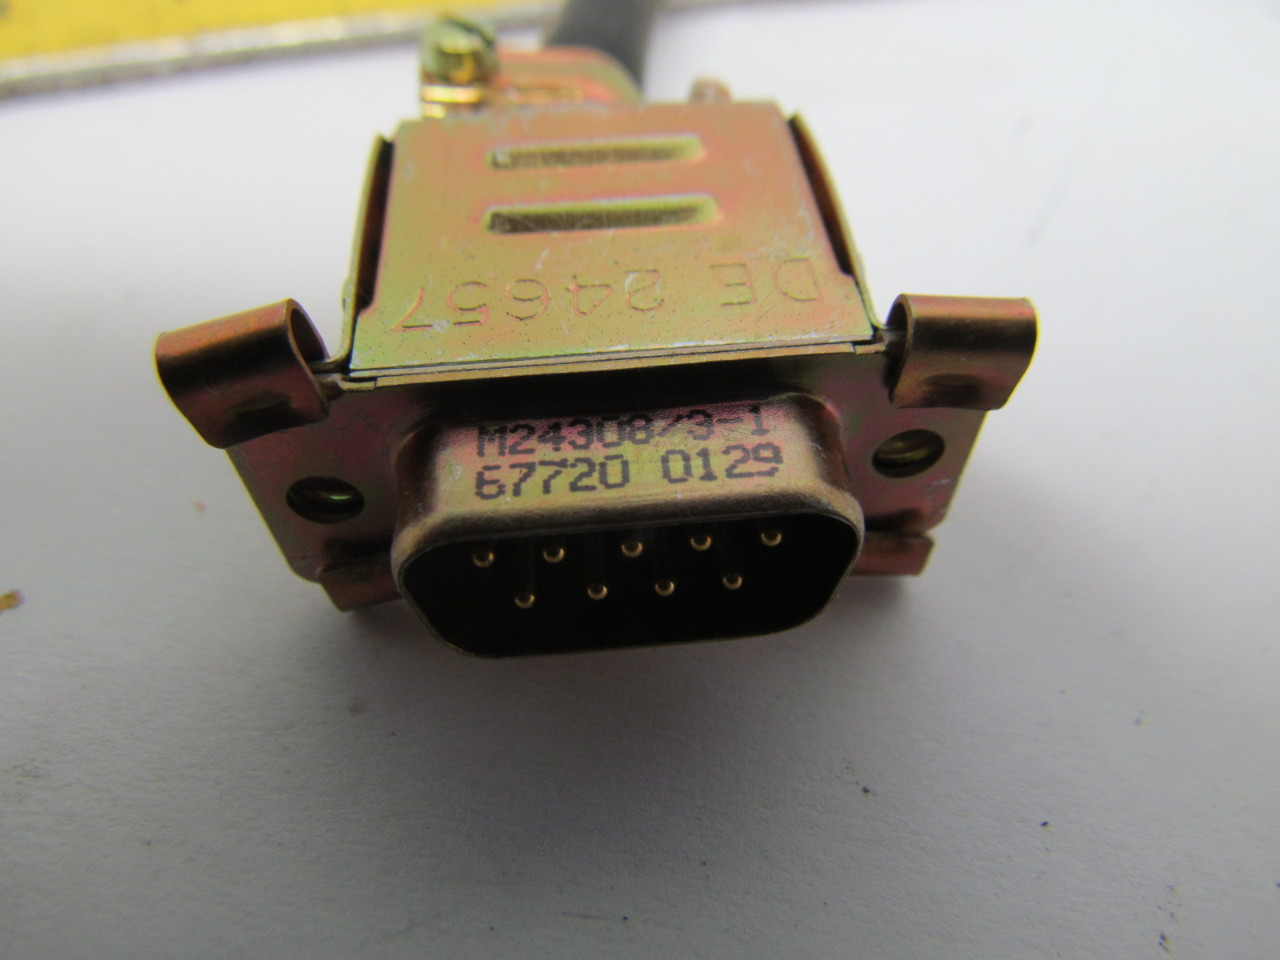 Diagram  Cab704 Cinch Male Wiring Diagram Full Version Hd Quality Wiring Diagram